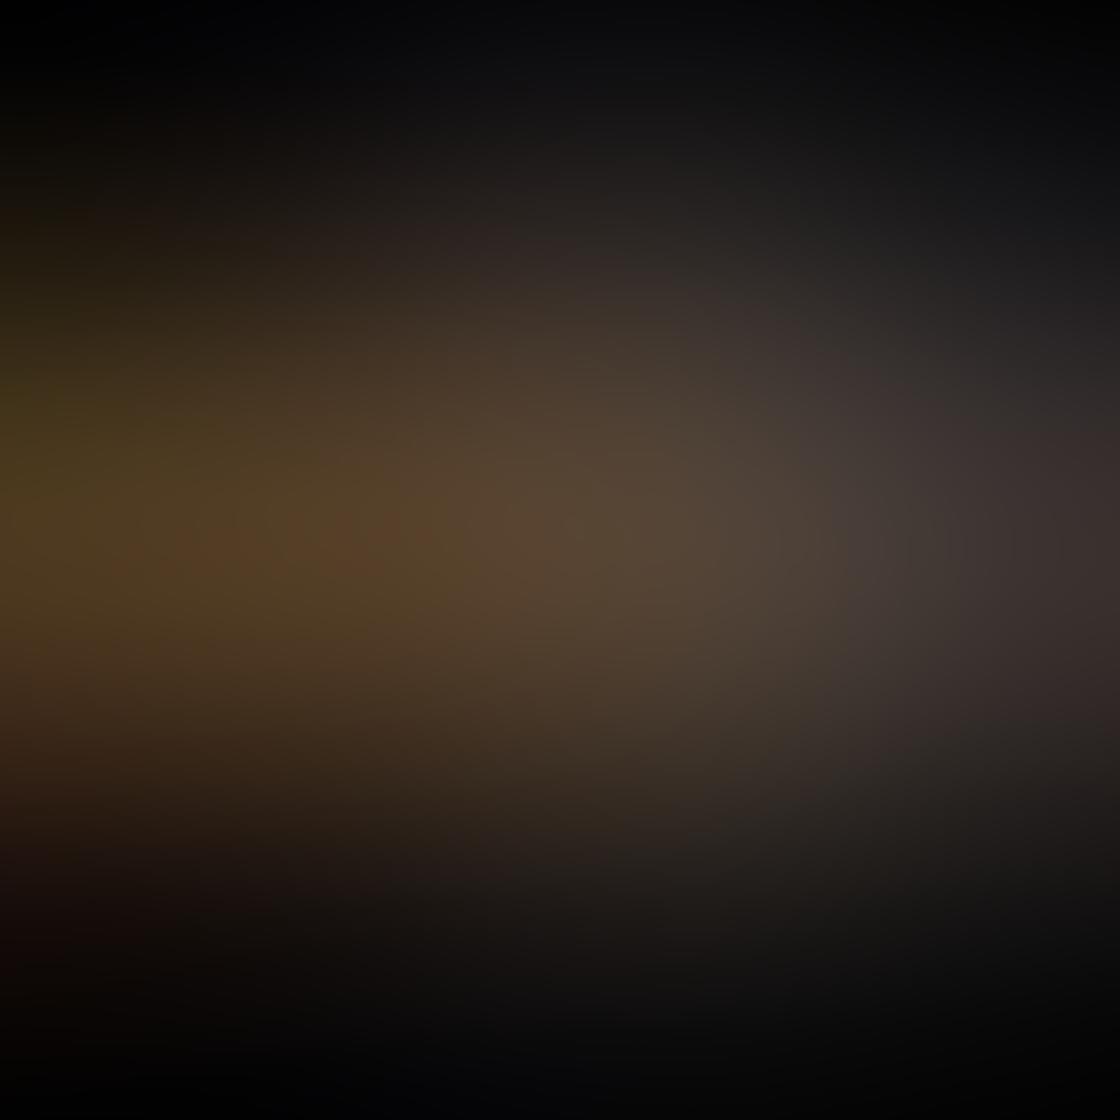 iPhone Photos Low Light 23